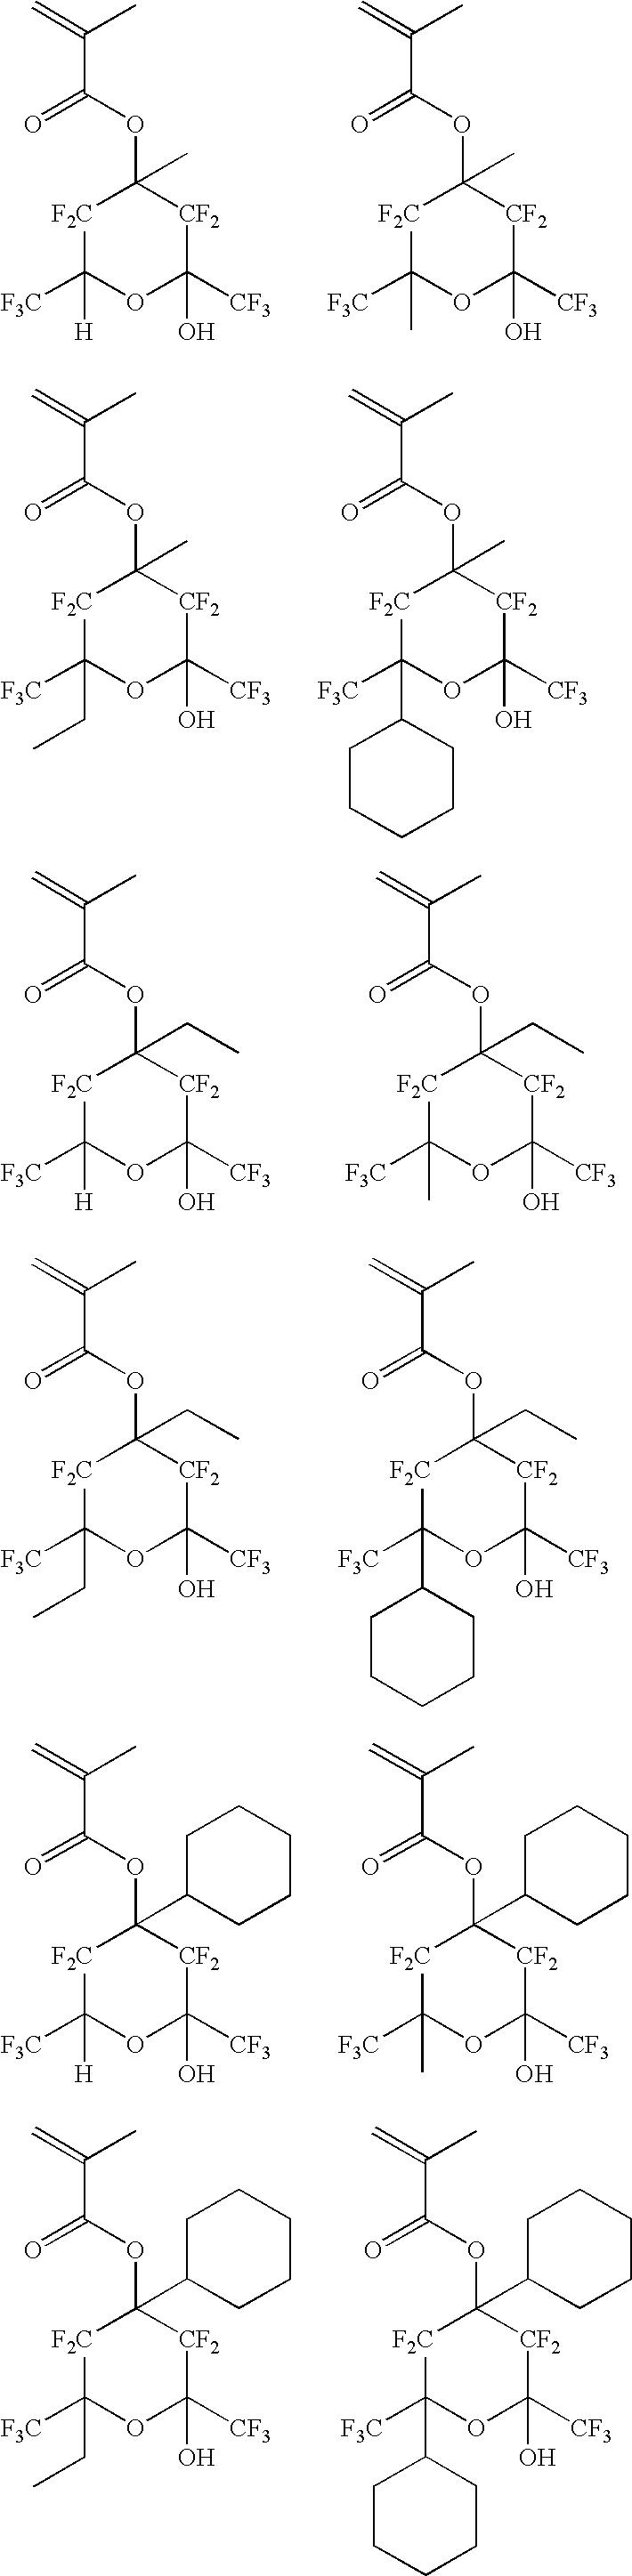 Figure US20060094817A1-20060504-C00015